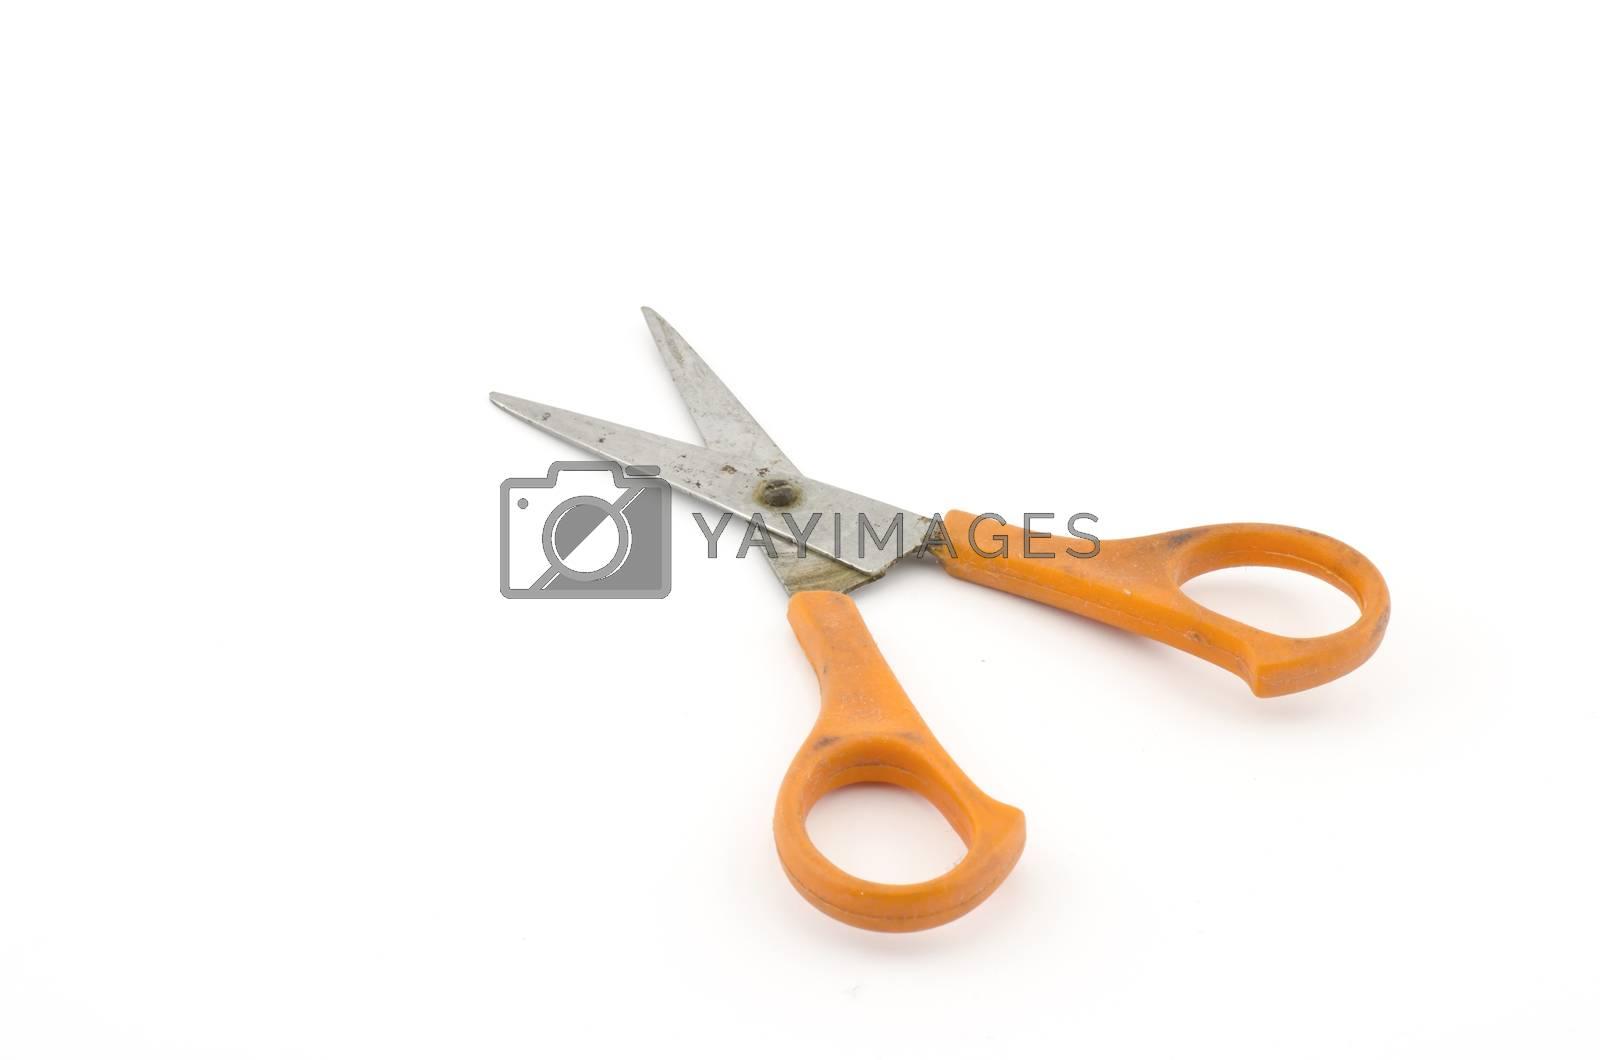 orange used scissors isolated on white background